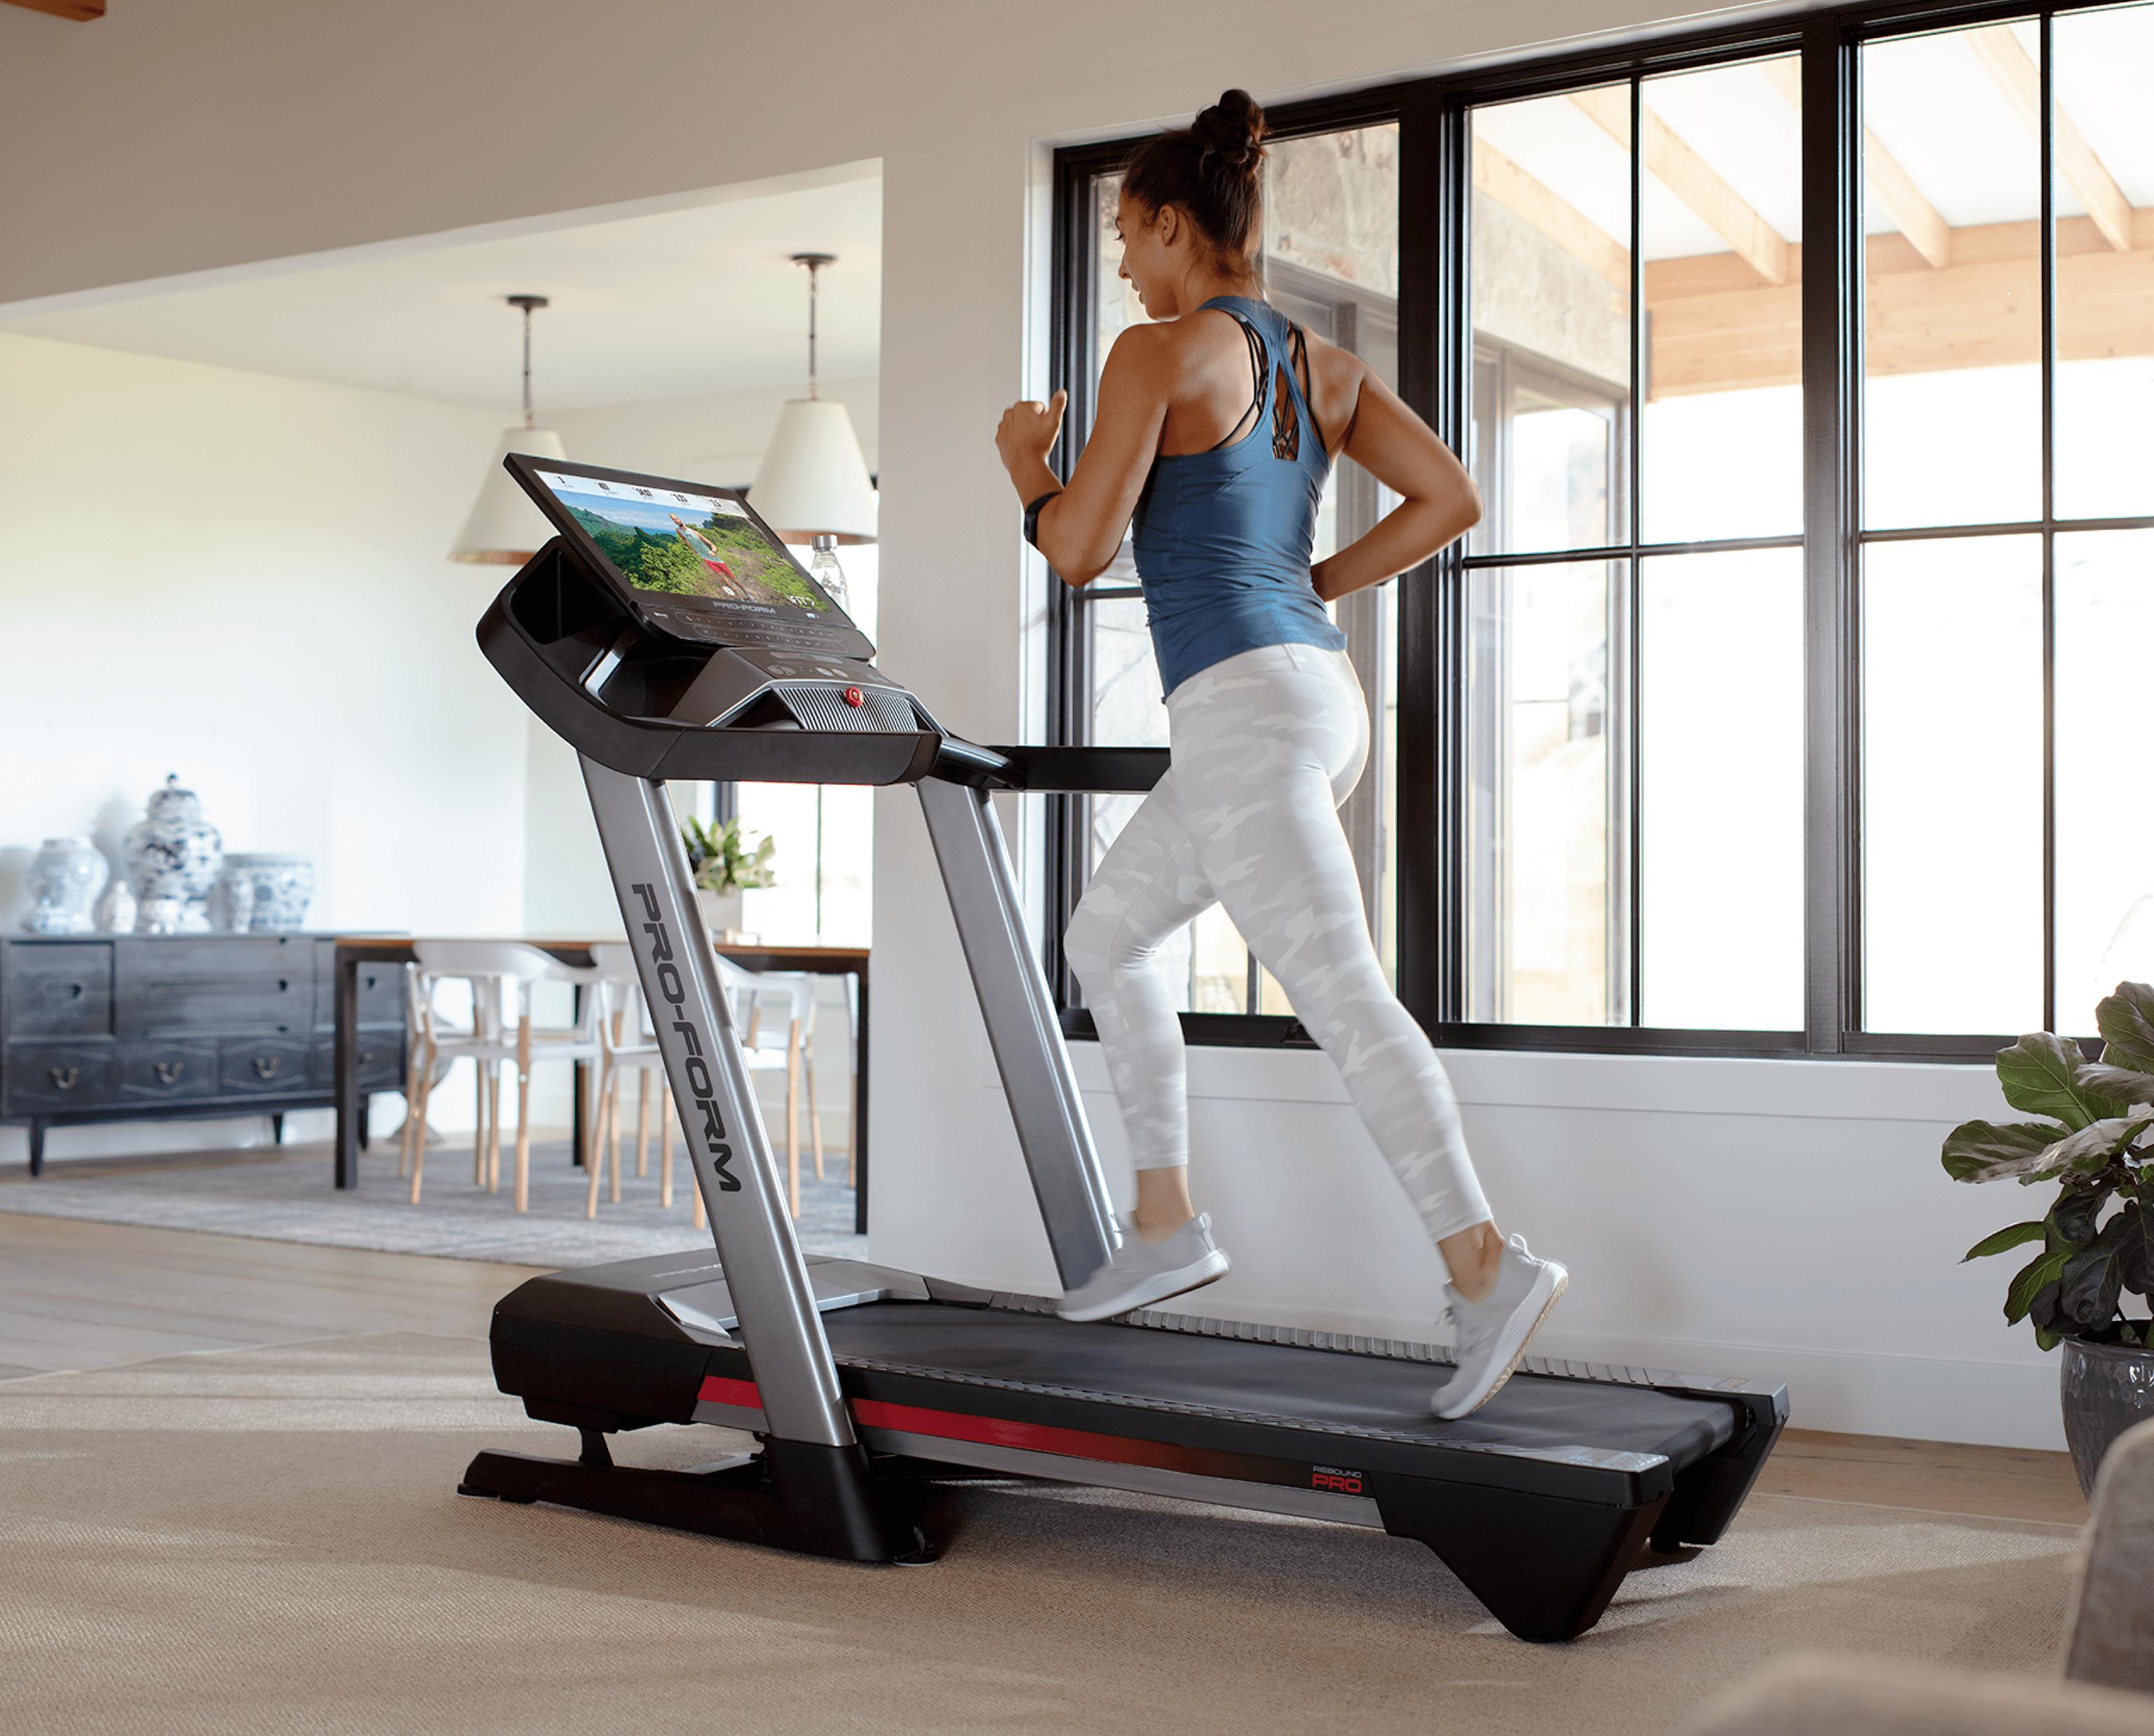 Best Treadmill Brands - ProForm Treadmill